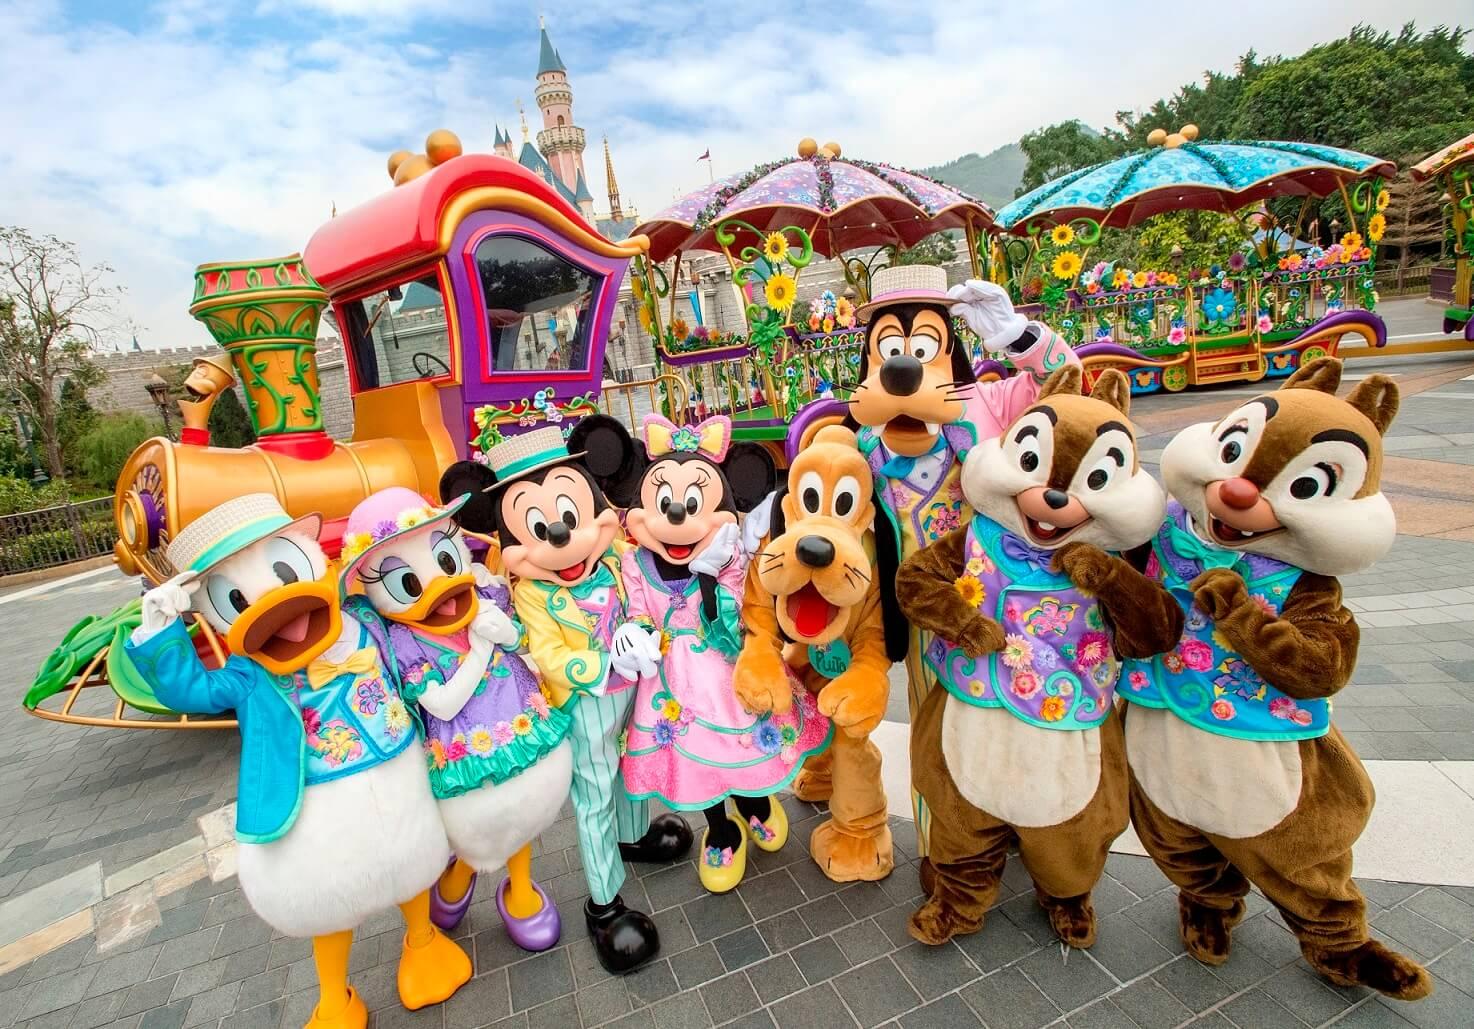 ฮ่องกงดิสนีย์แลนด์ ชวนเที่ยวเทศกาลเฉลิมฉลองฤดูใบไม้ผลิ Disney Friends Springtime Carnival